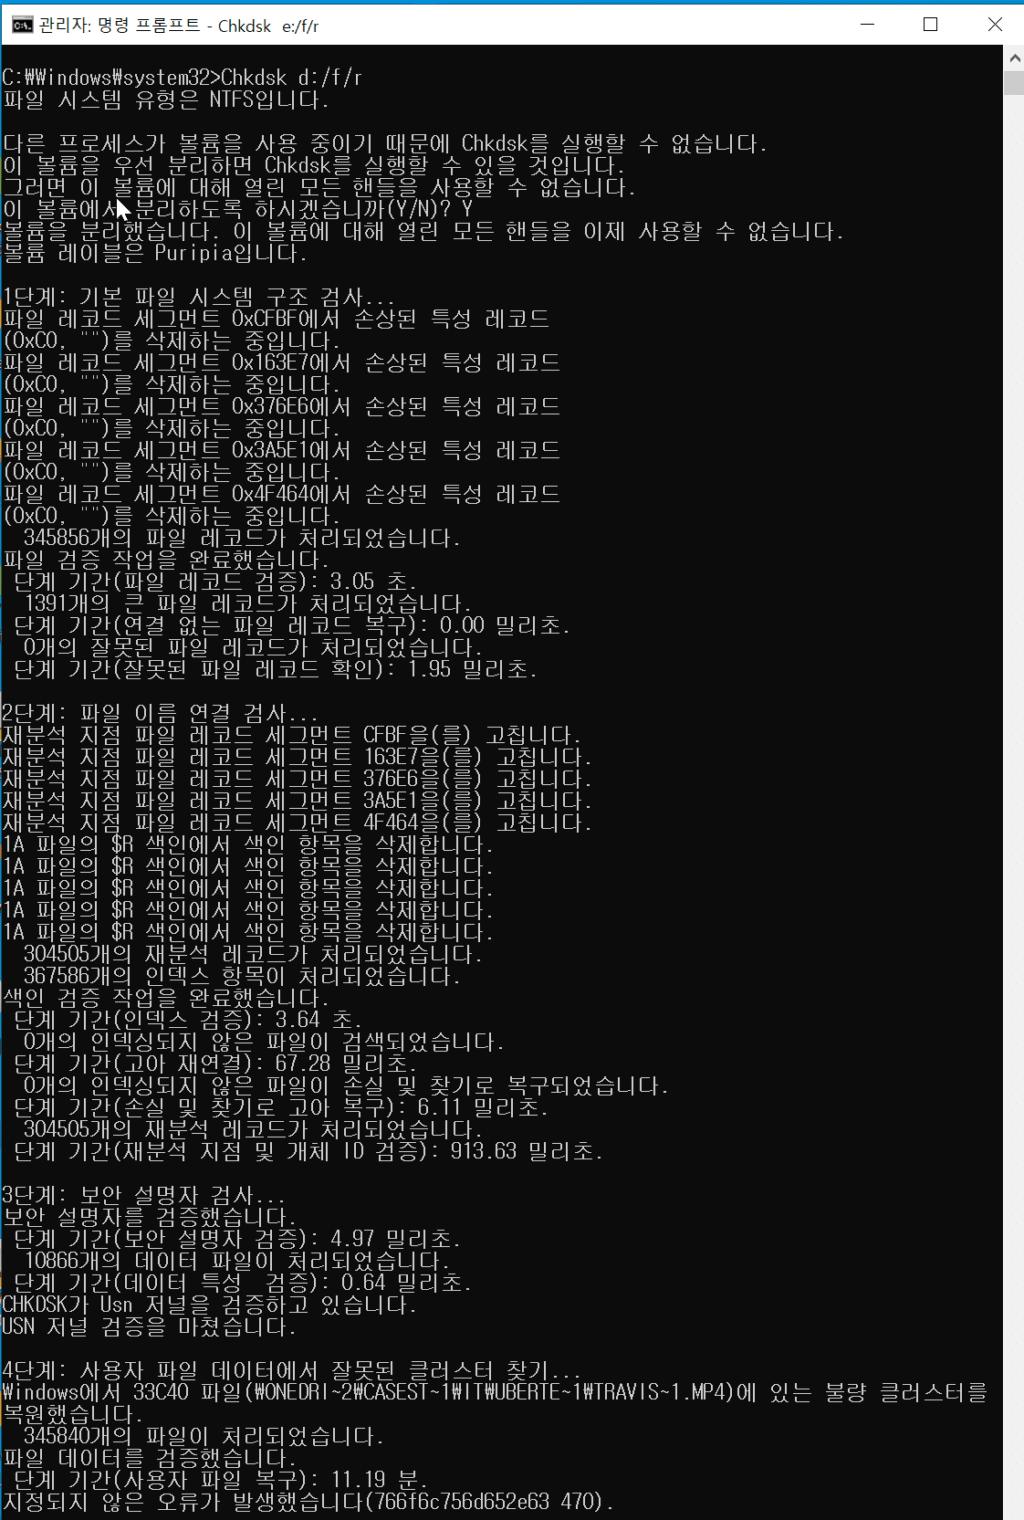 삭제 불가능한 윈도우 파일 강제 삭제 방법 3가지 1